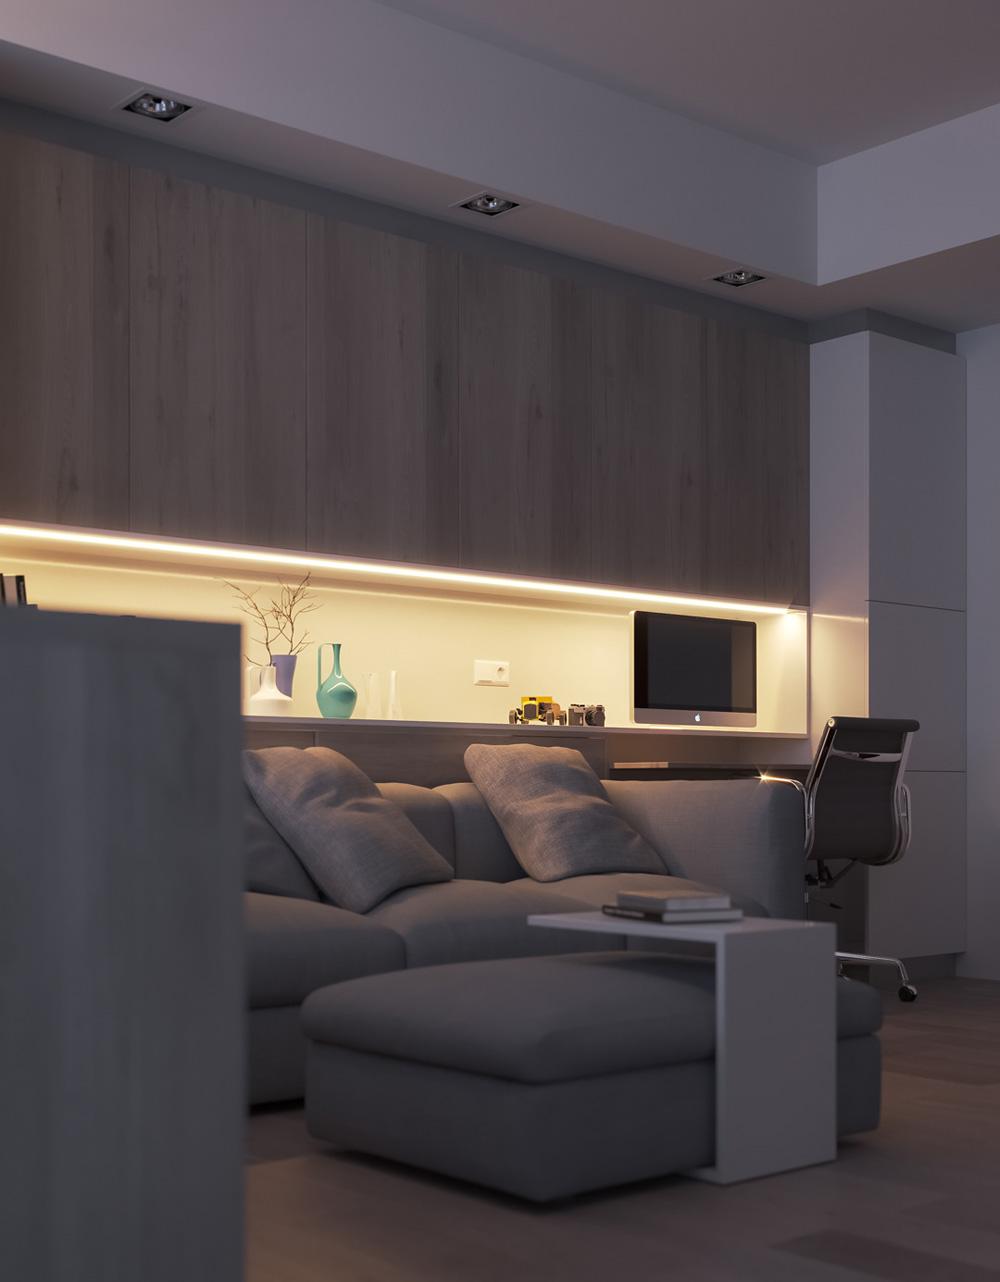 Thiết kế nội thất chung cư mini ảnh 7